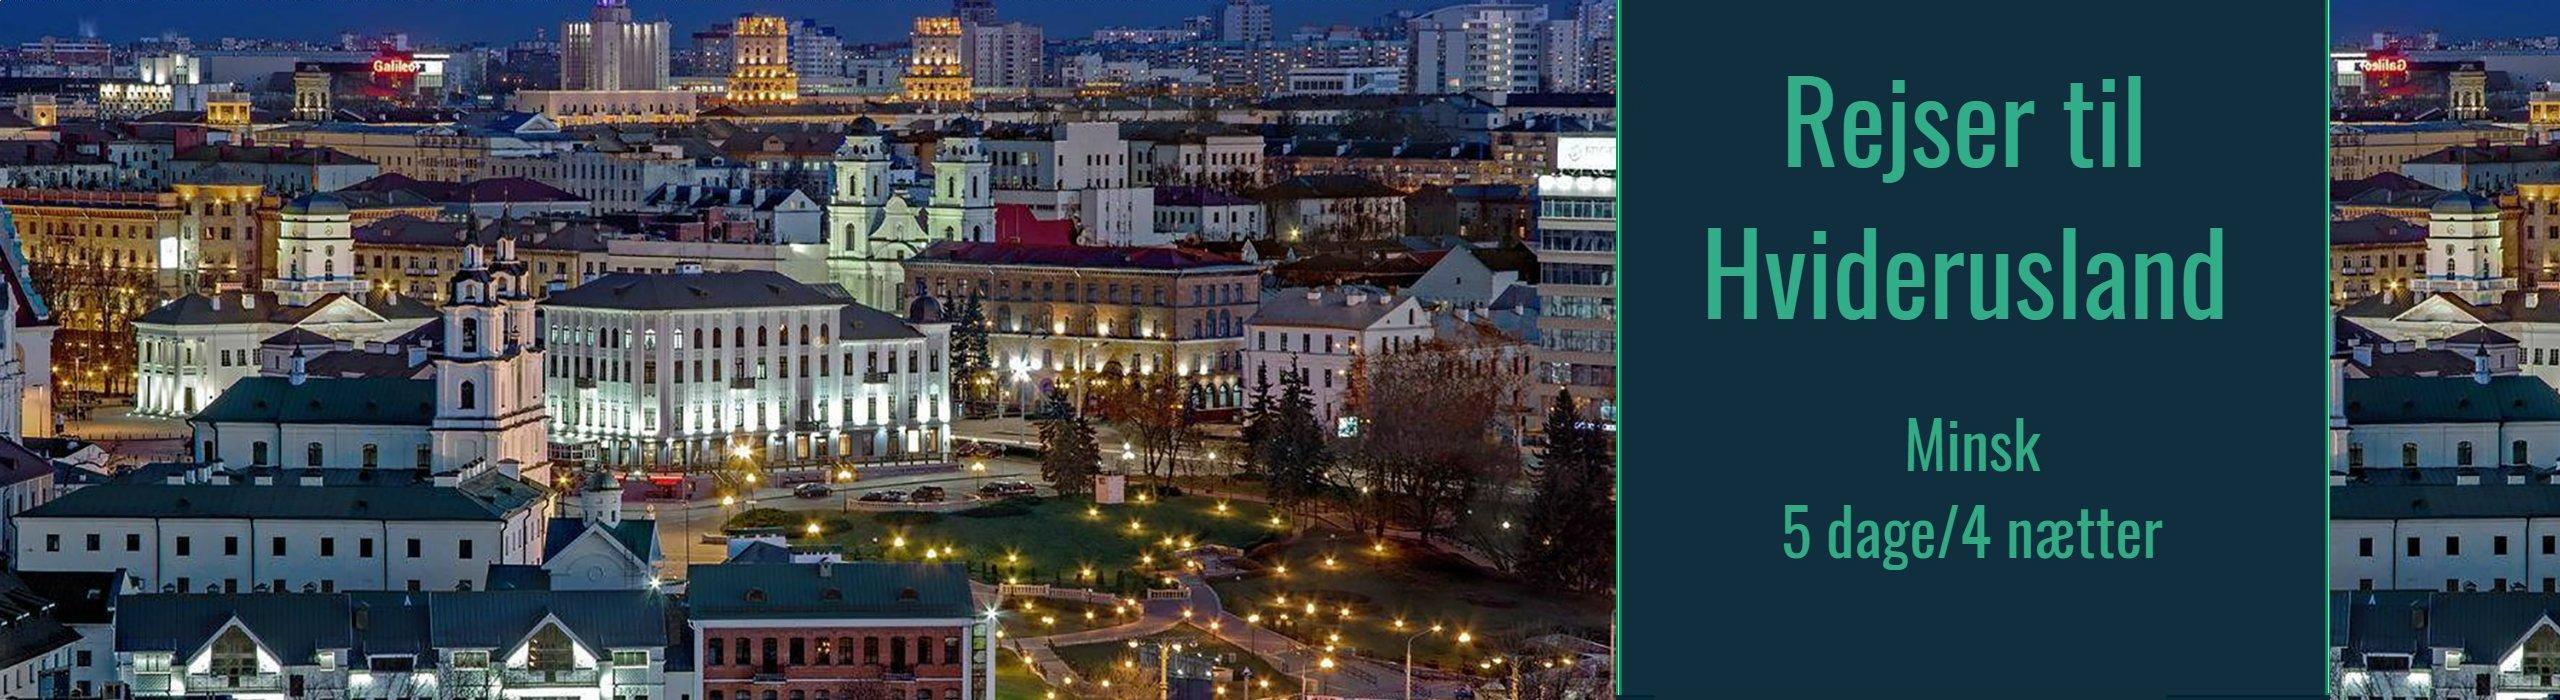 Rejser til Hviderusland<br>